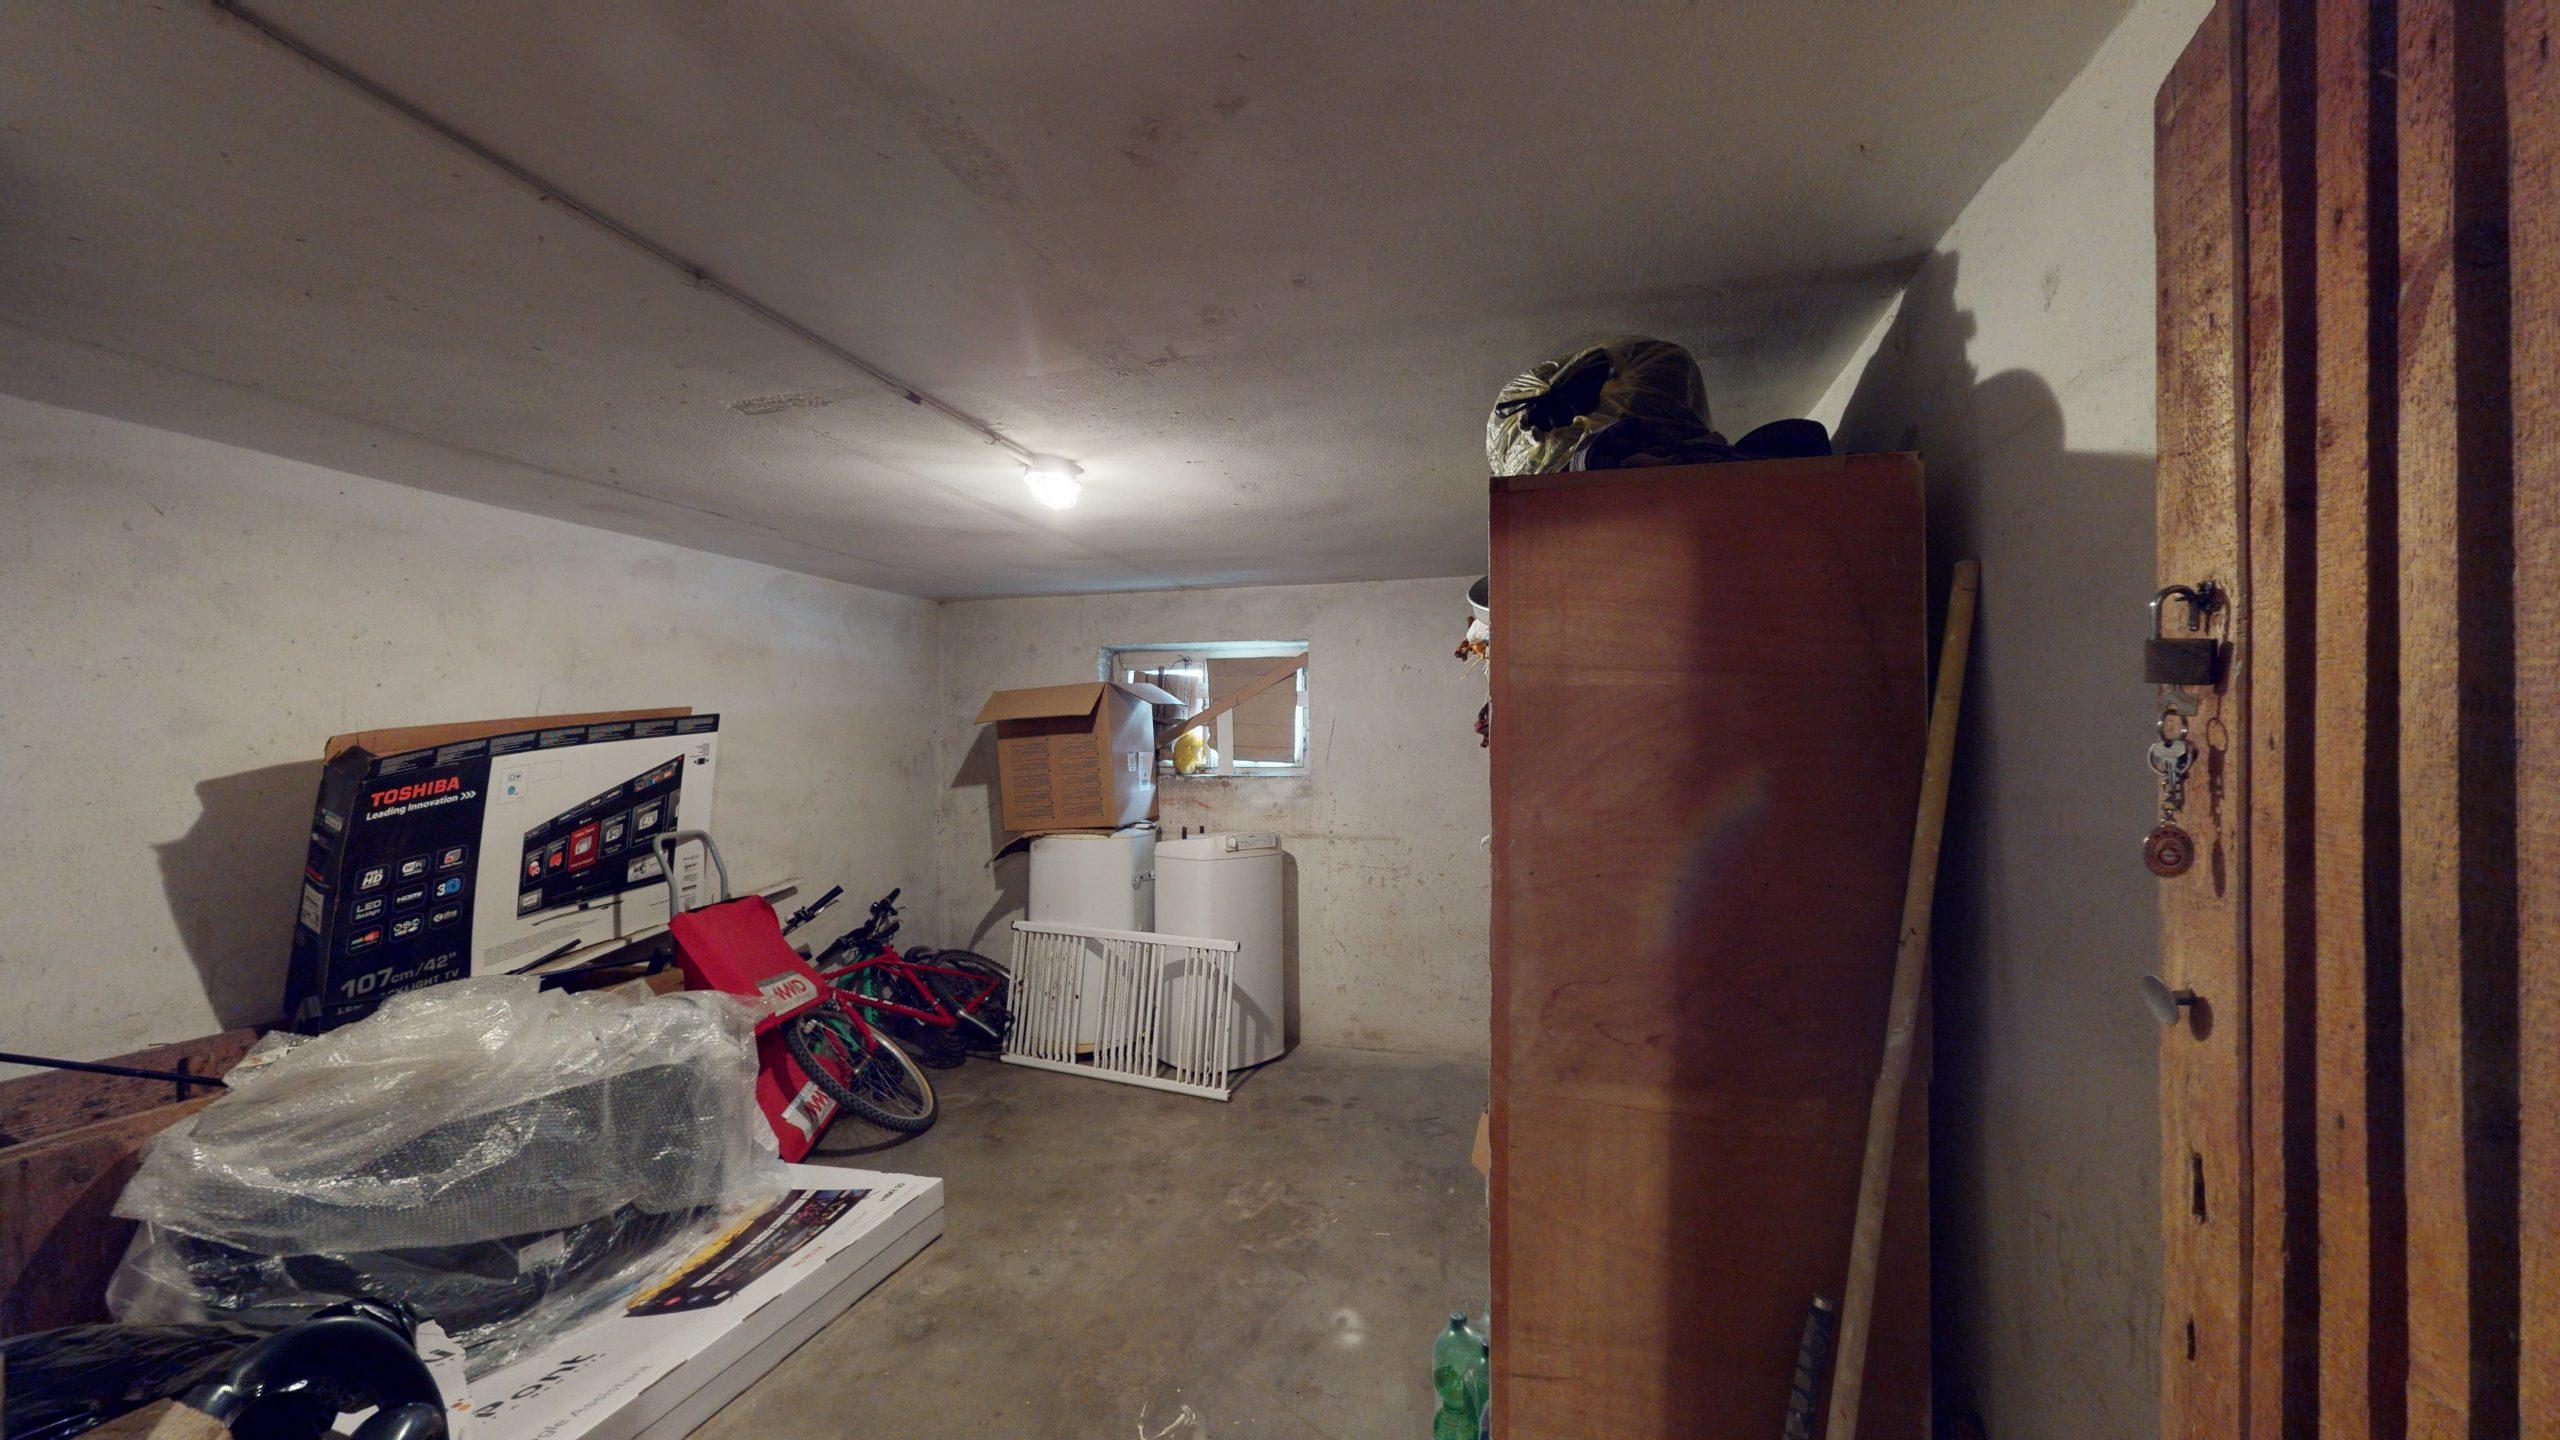 Schone-4-Zimmer-Wohnung-mit-2-Balkonen-und-viel-Platz-in-Altbach-02162021_102136